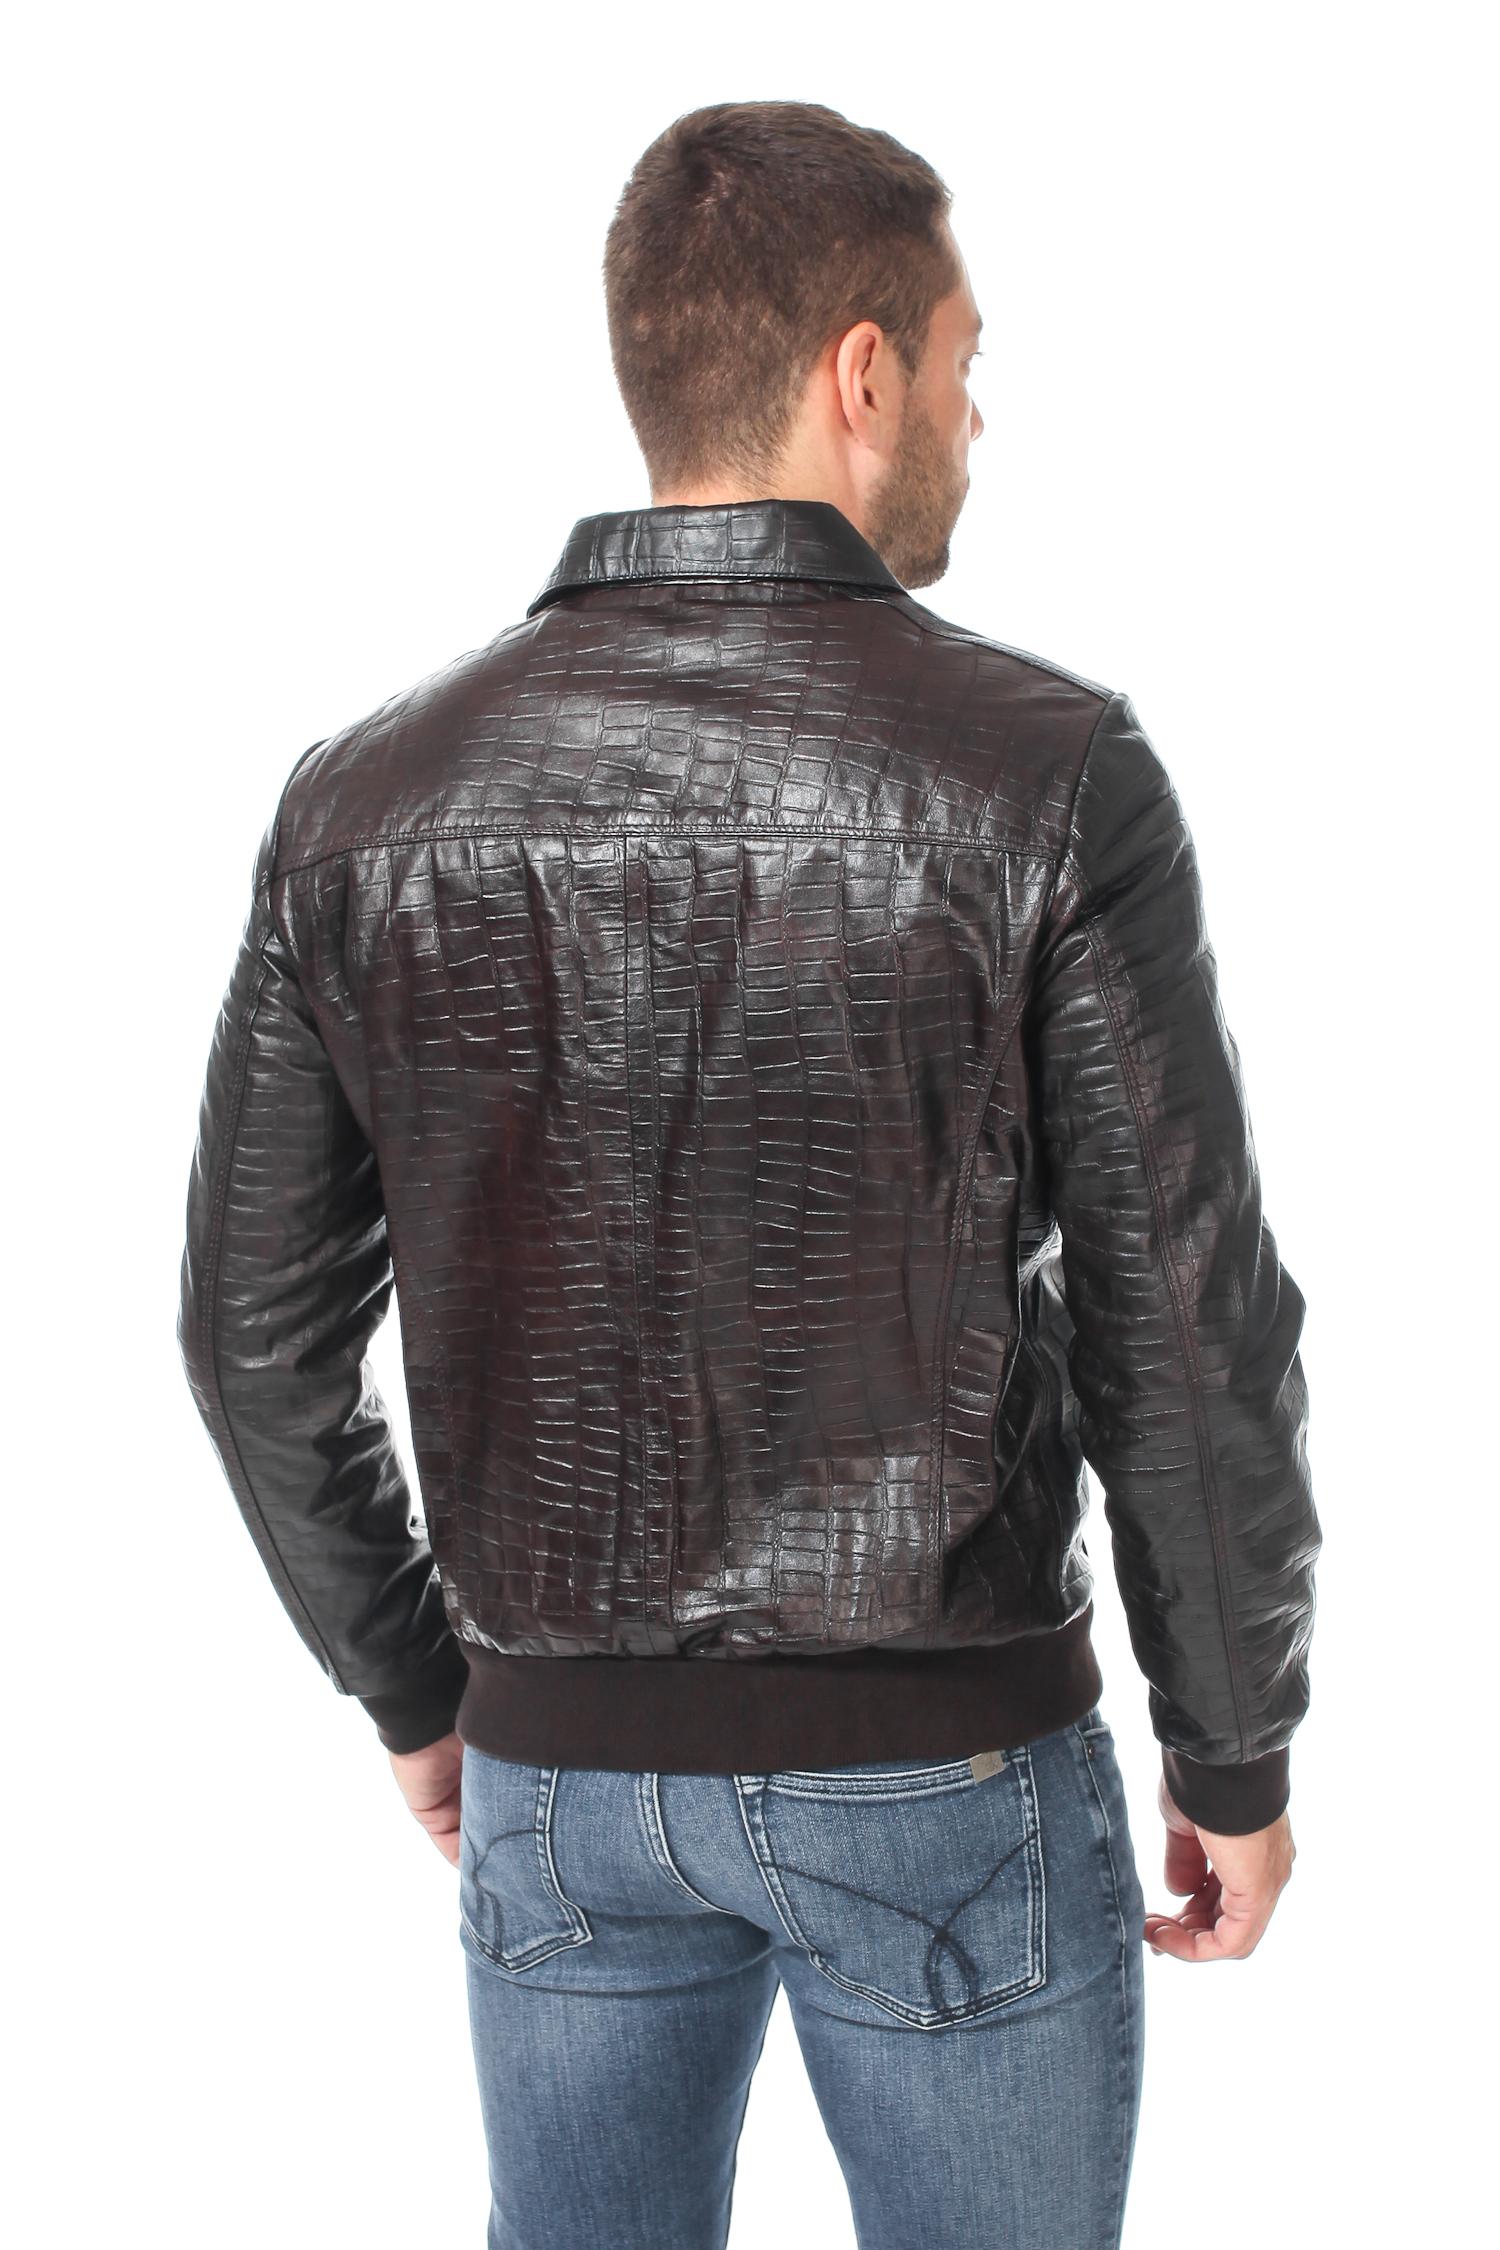 Мужская кожаная куртка из натуральной кожи с воротником, без отделки от Московская Меховая Компания